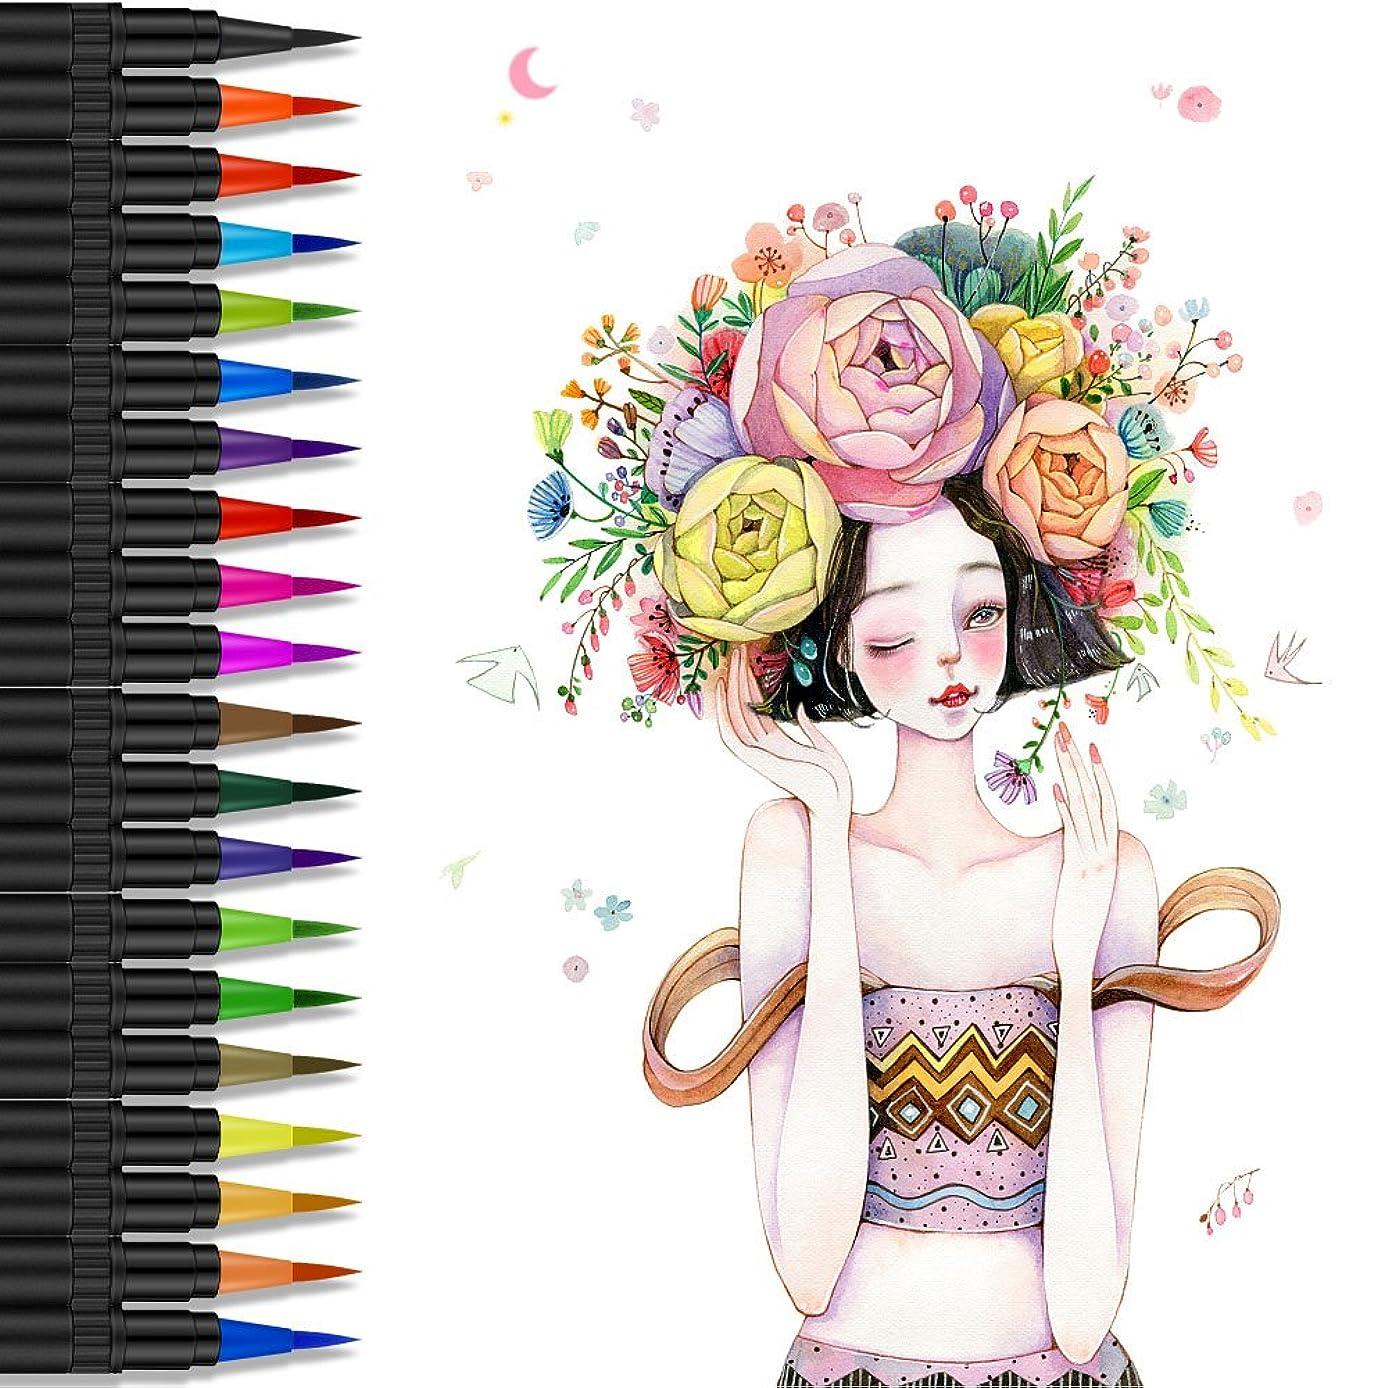 満了同行する人気のBestFire 水彩毛筆 カラーペン 水彩ブラシマーカーペン 20色セット 水彩ブラシ 水彩筆 筆ペン 塗り絵 環境水彩 画筆 絵用 美術 学習教材 学校教材 画材 イラスト 宿題 収納ケース付き